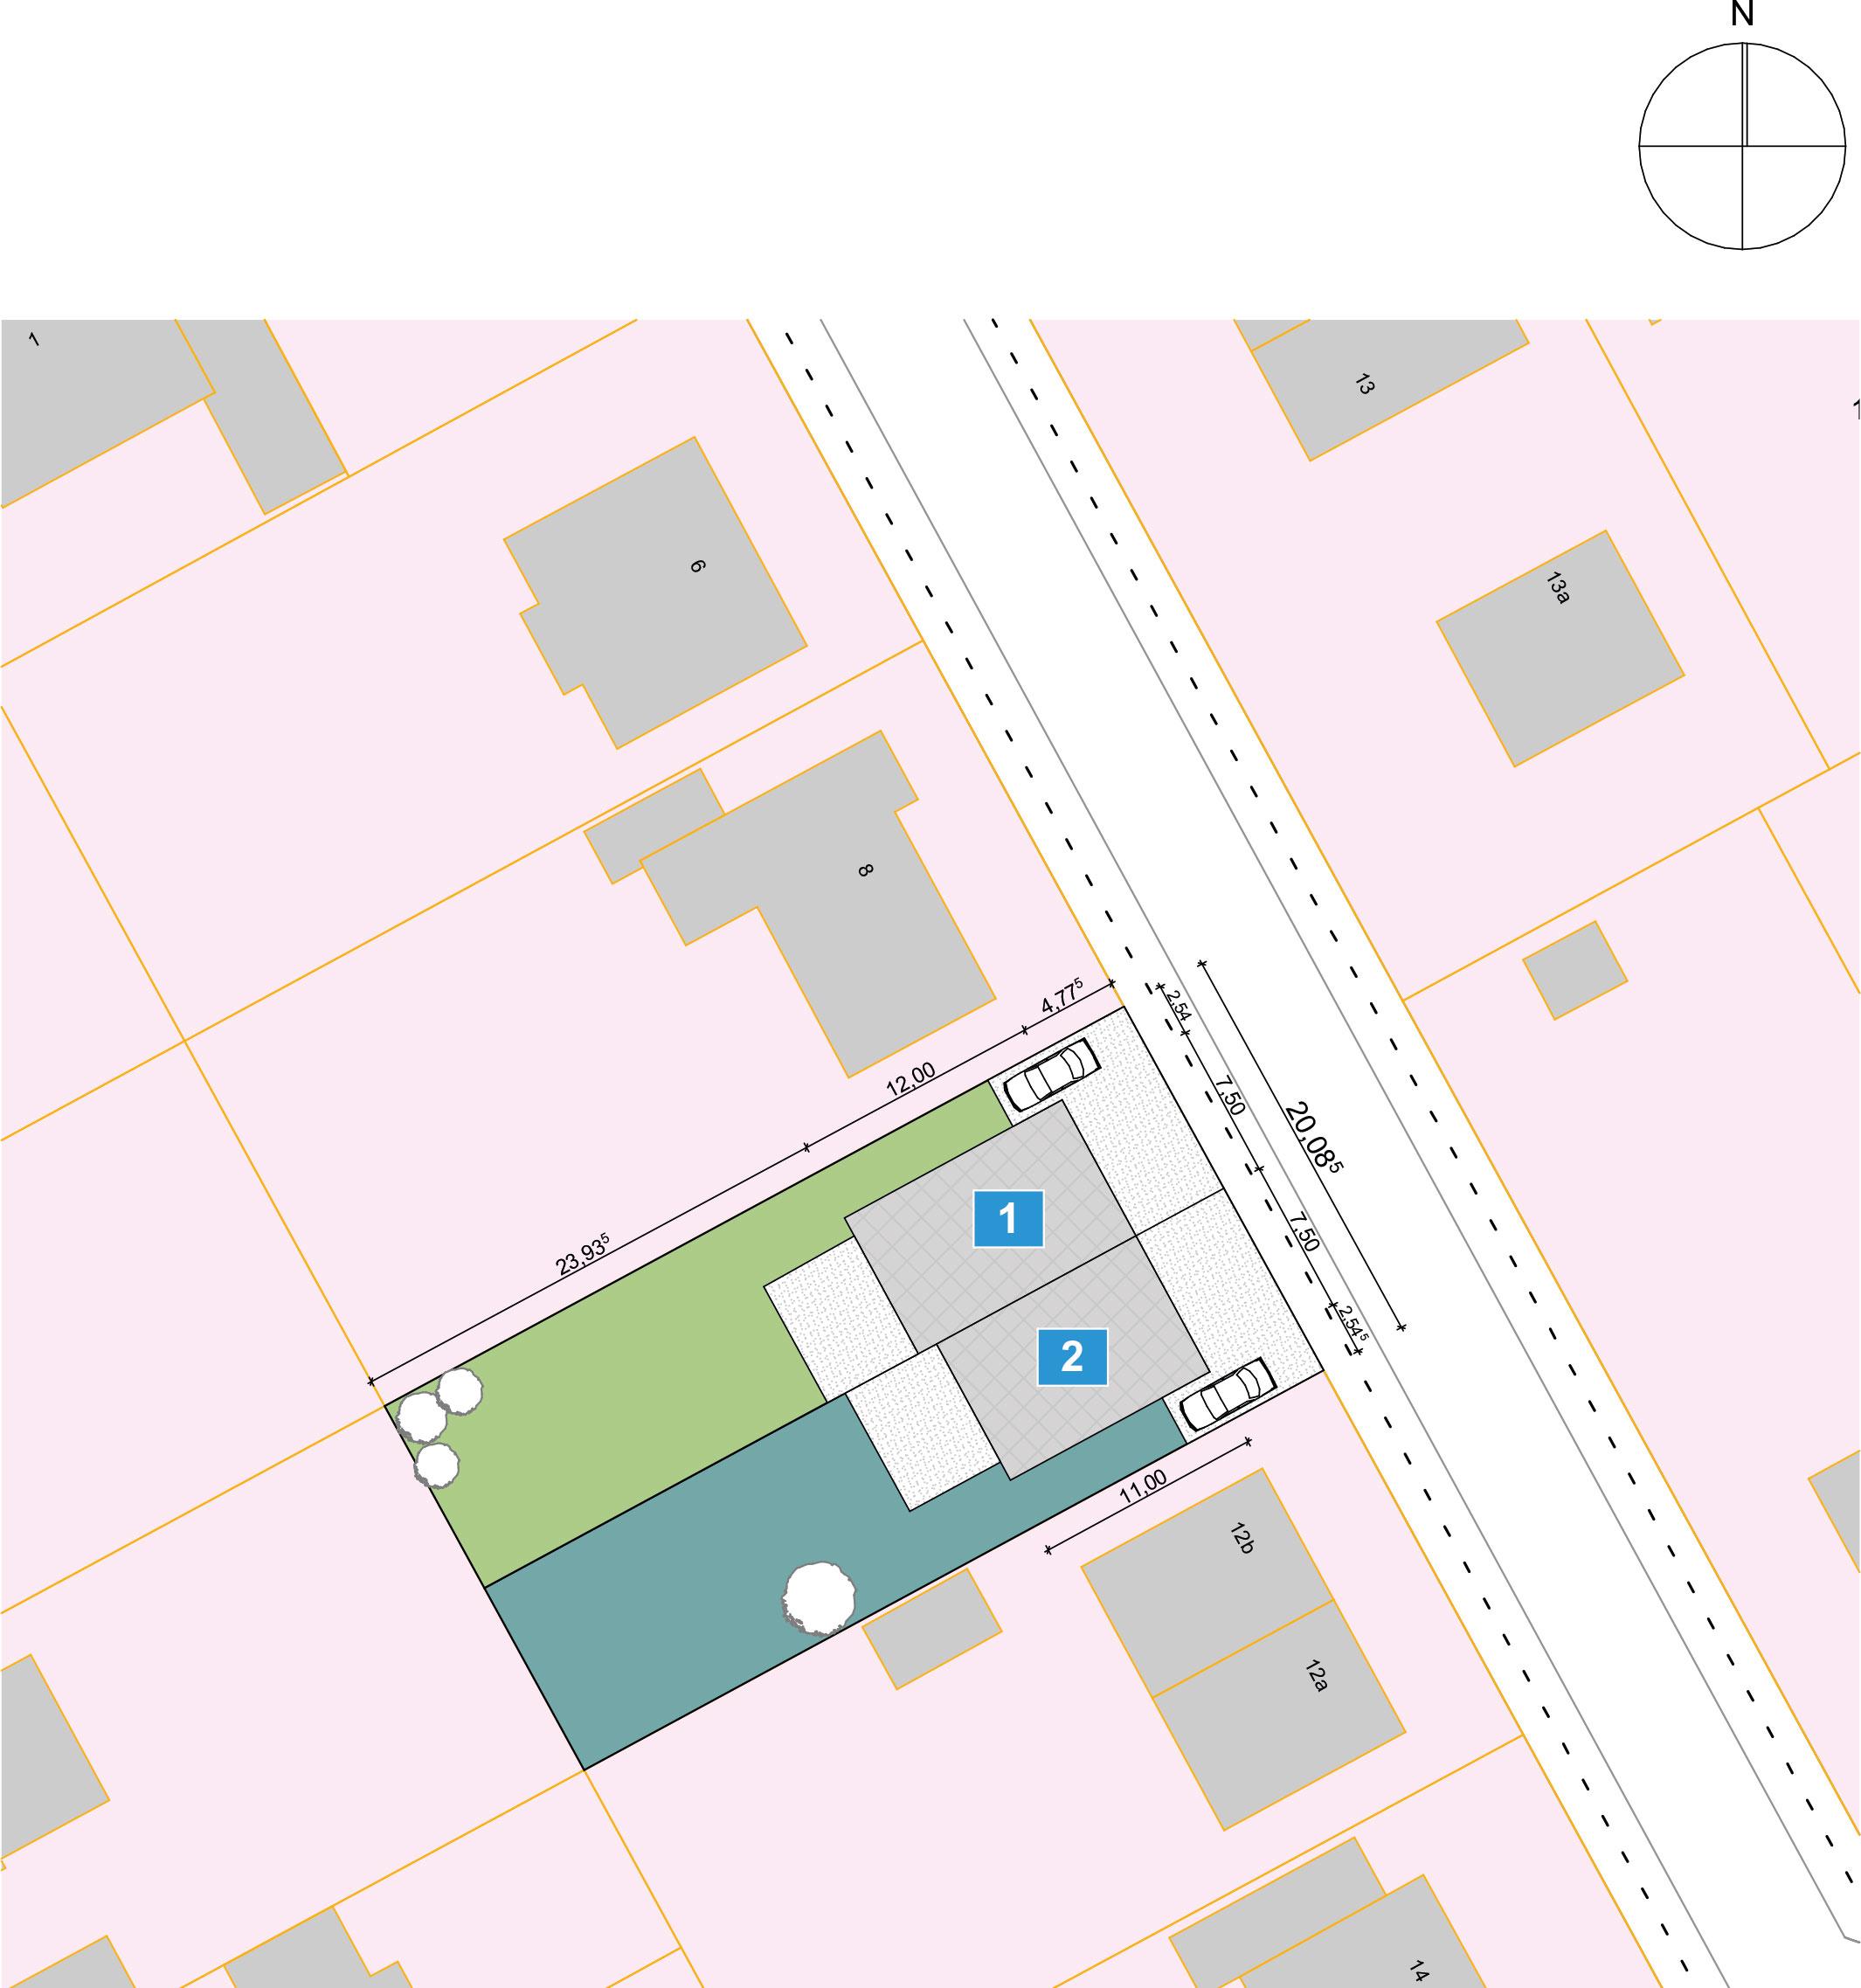 Hamburger Stadtvilla - fußläufig in 5 Min. zur U1 (DHH2) - Lageplan